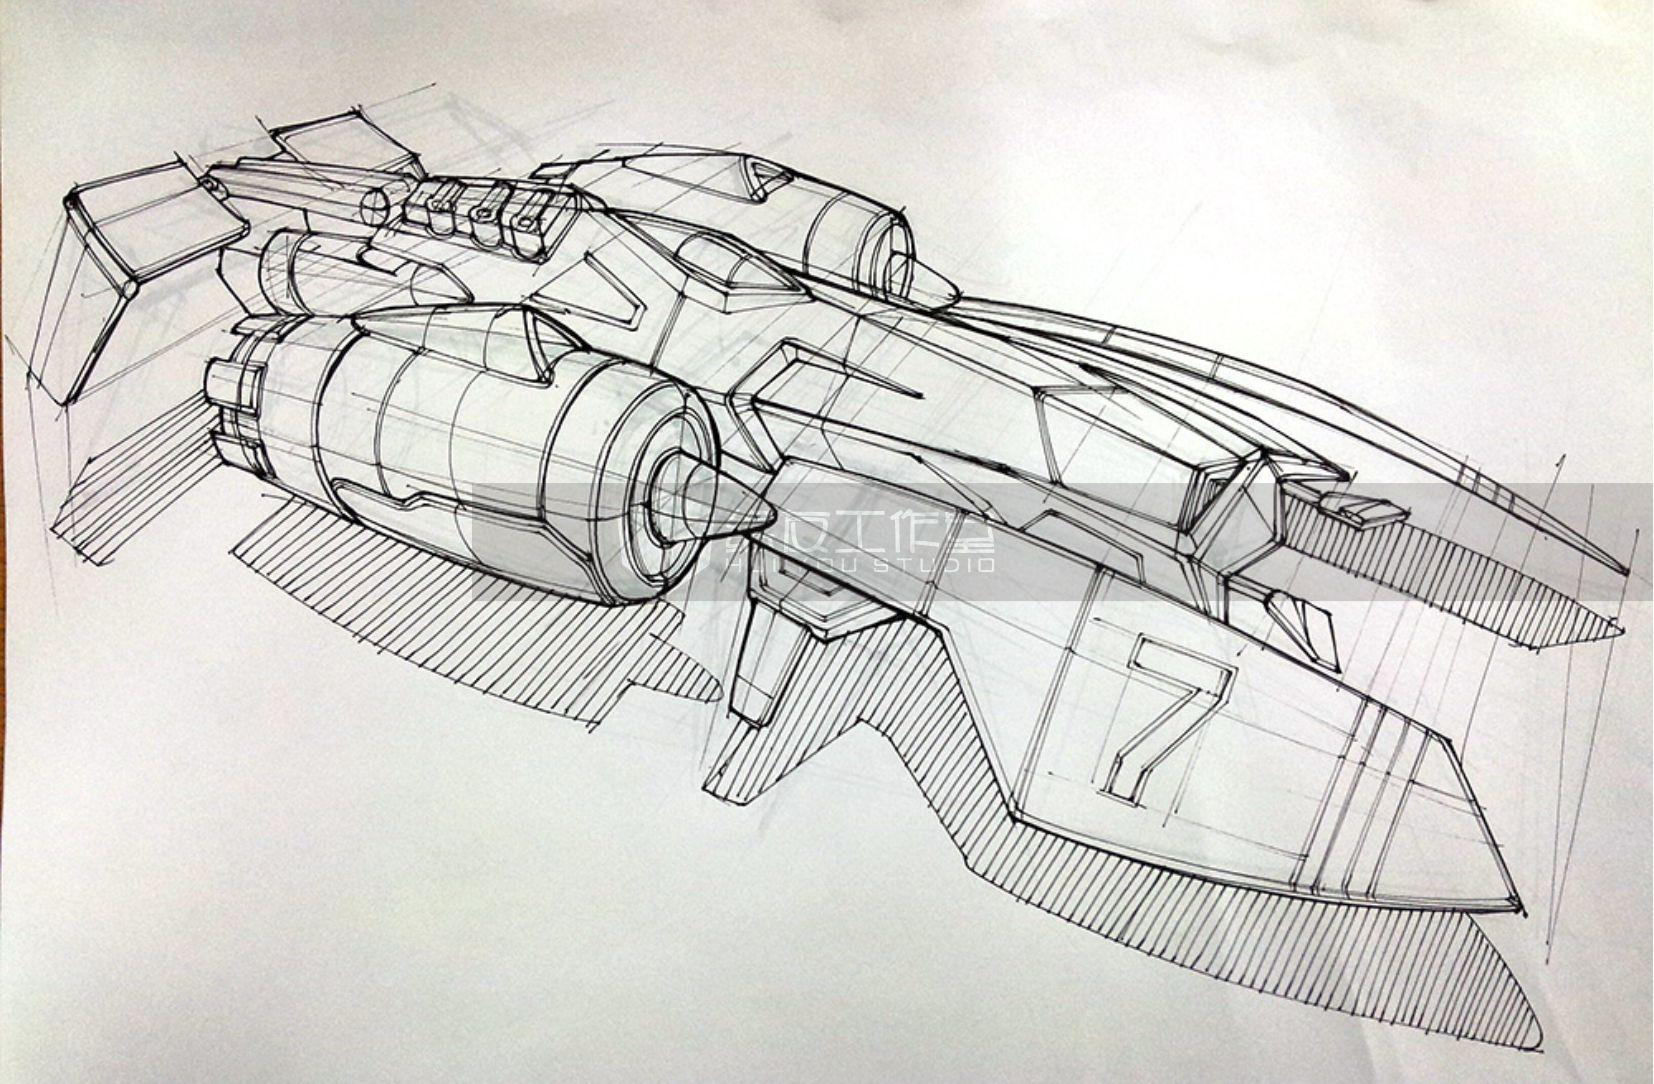 概念飞行器——工业设计产品手绘(内含作画视频过程)